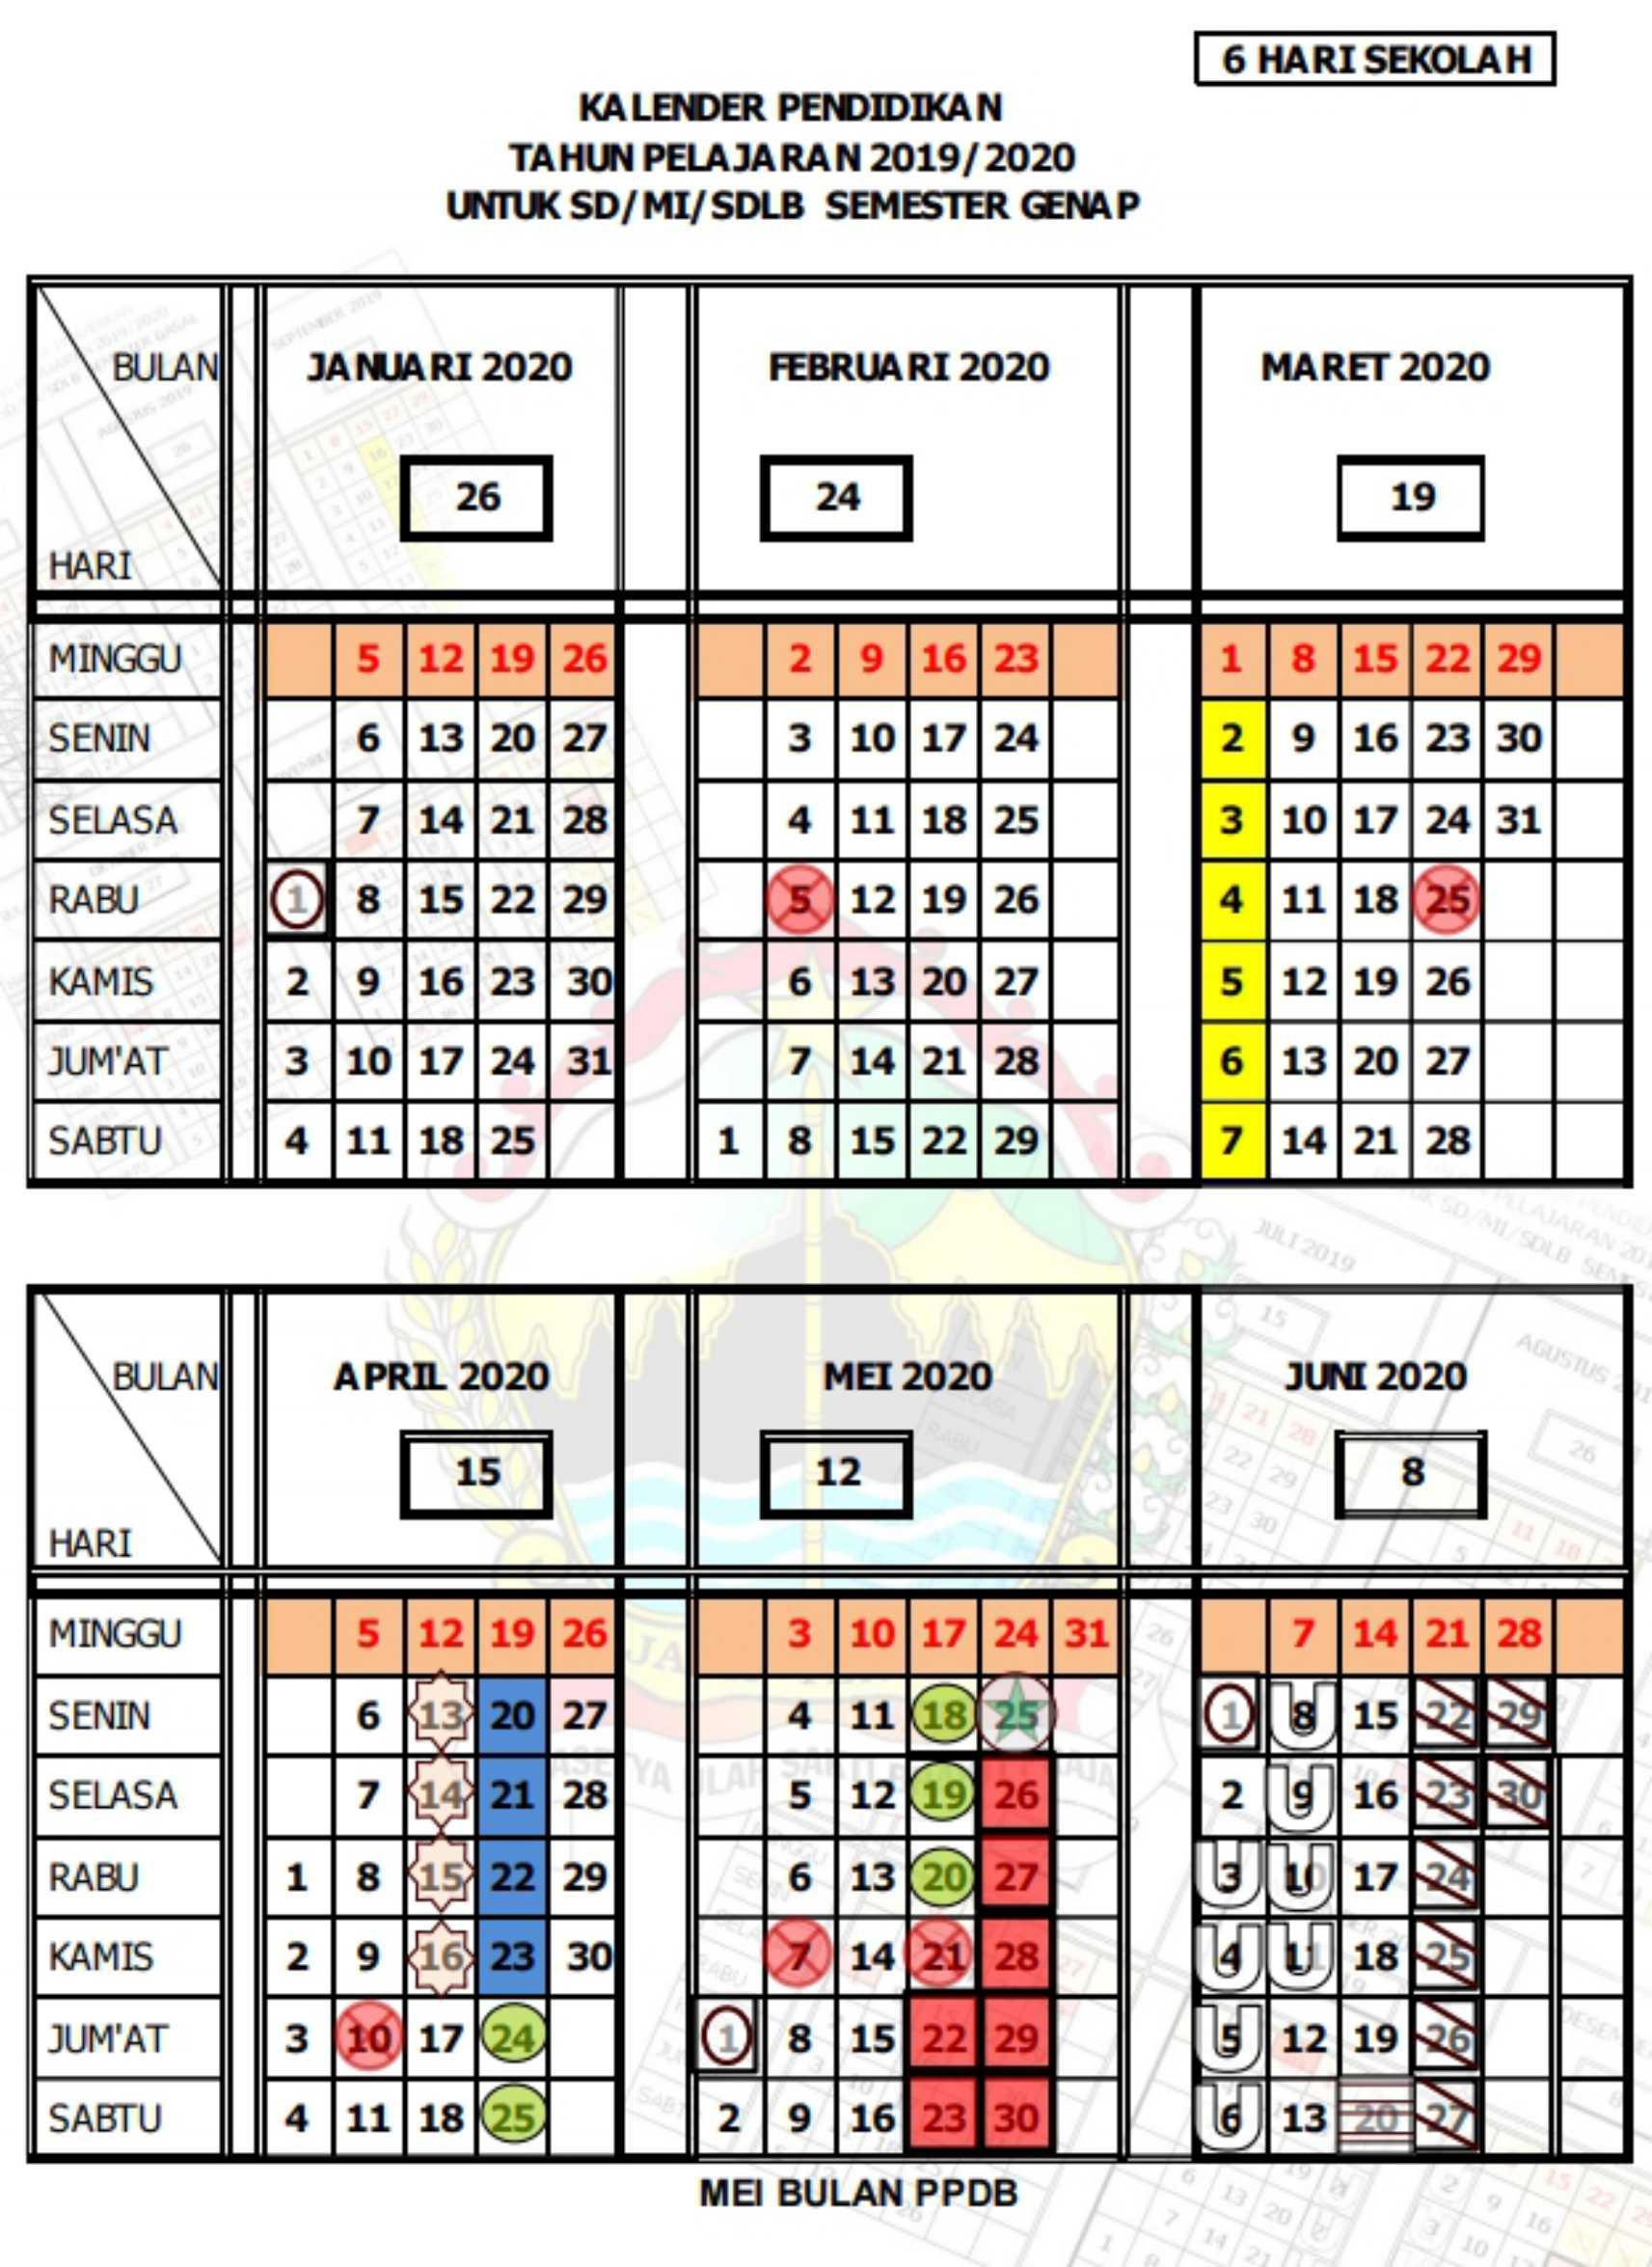 uraian kalender pendidikan tahun pelajaran 2019 - 2020 semester genap SD SDLB MI (6 hari sekolah) provinsi jawa tengah